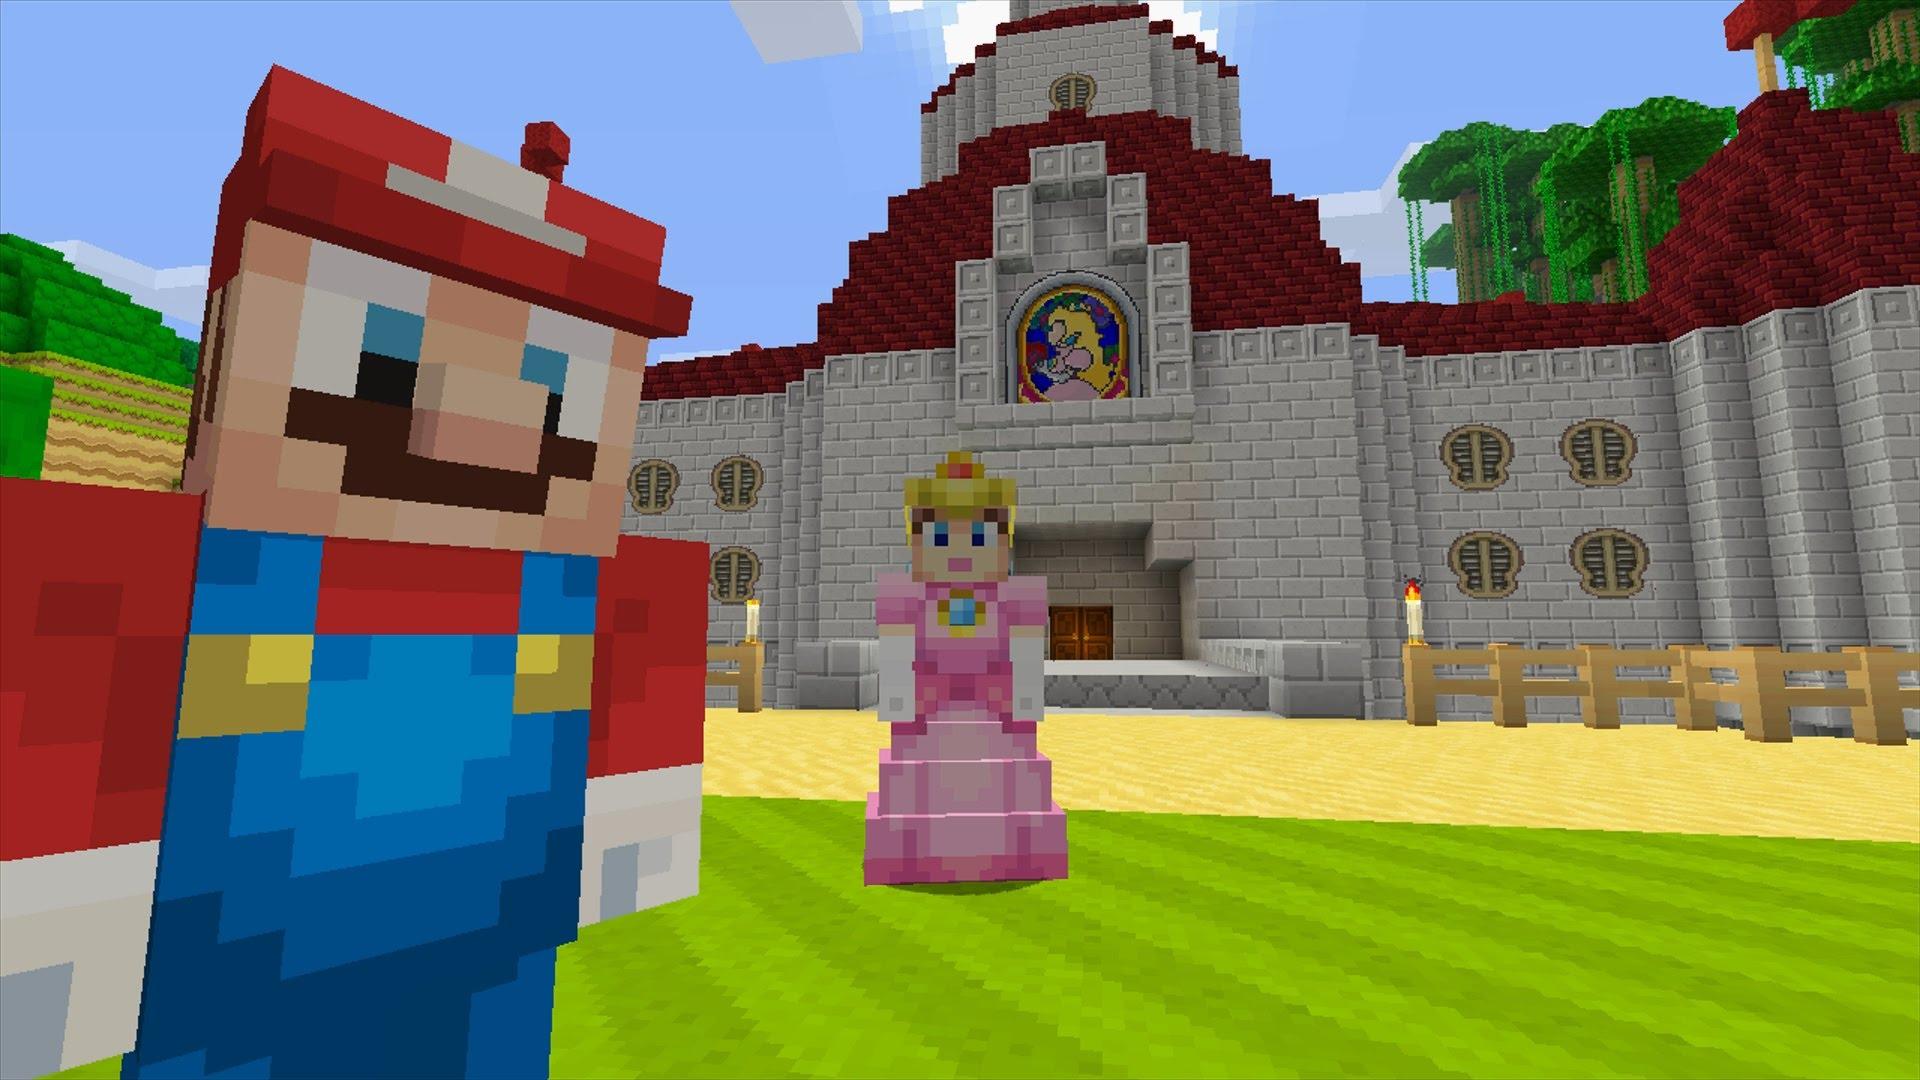 Minecraft Spielen Deutsch Skins Para Minecraft Wii U Edition Bild - Minecraft wii spielen